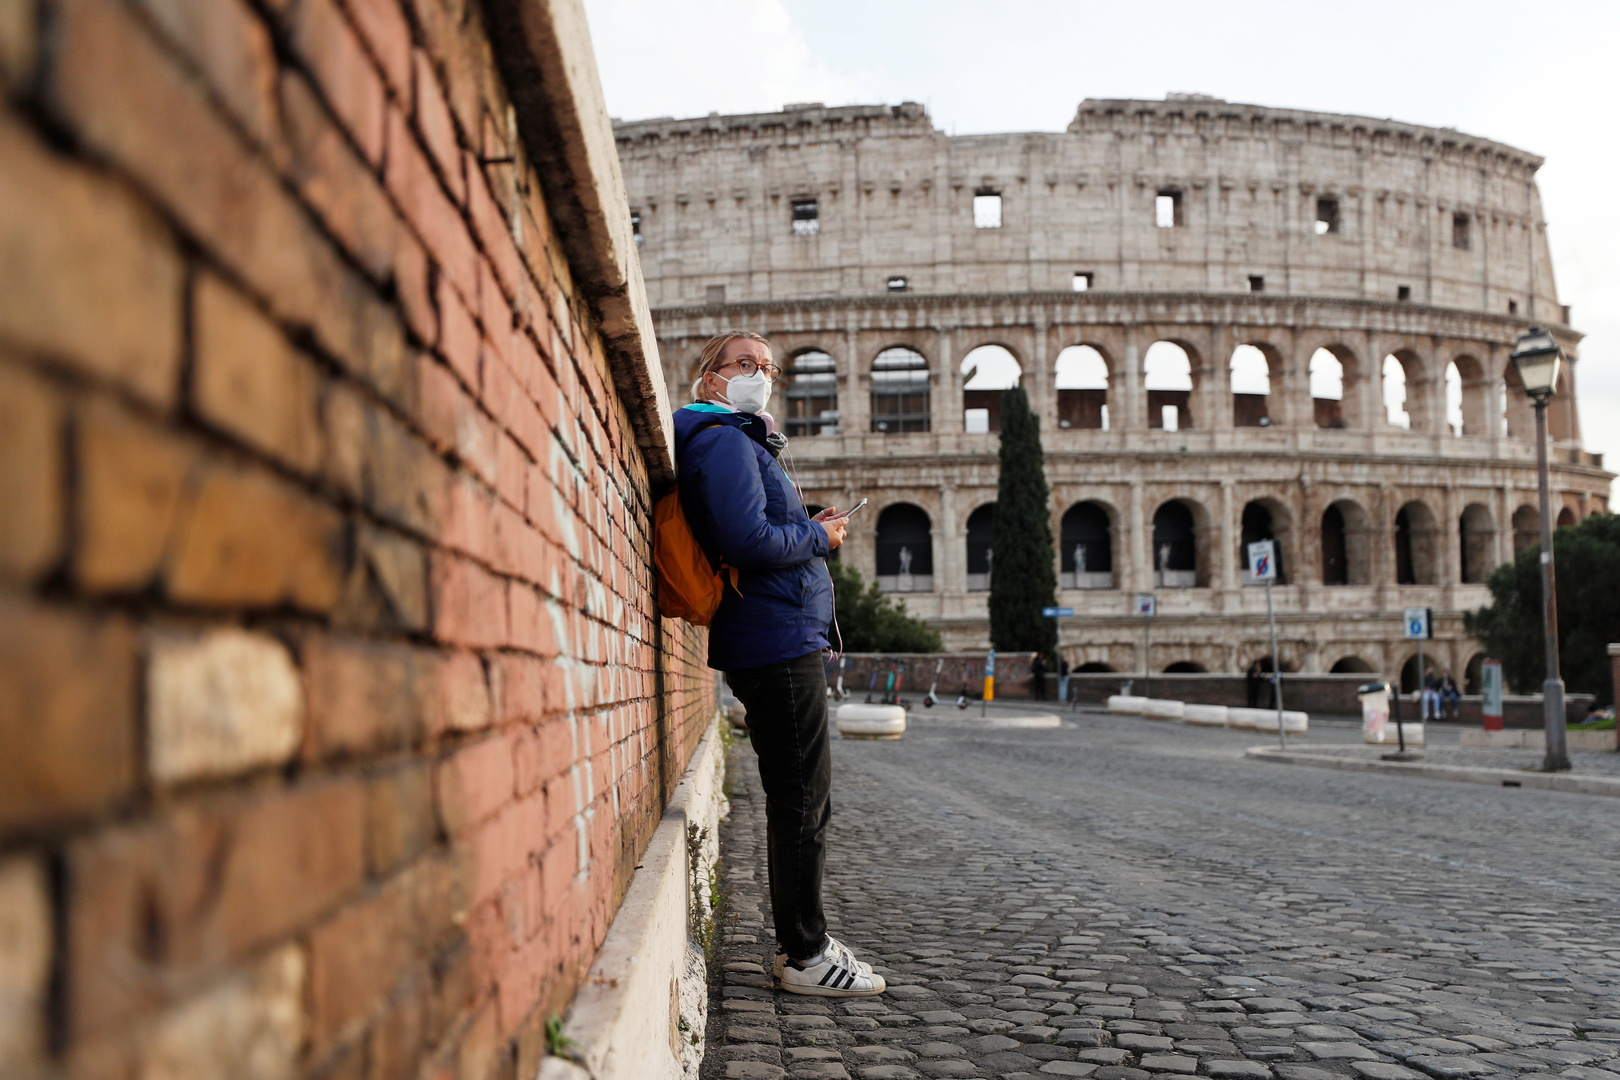 إيطاليا.. 50 وفاة و3.5 ألف إصابة جديدة بكورونا خلال 24 ساعة